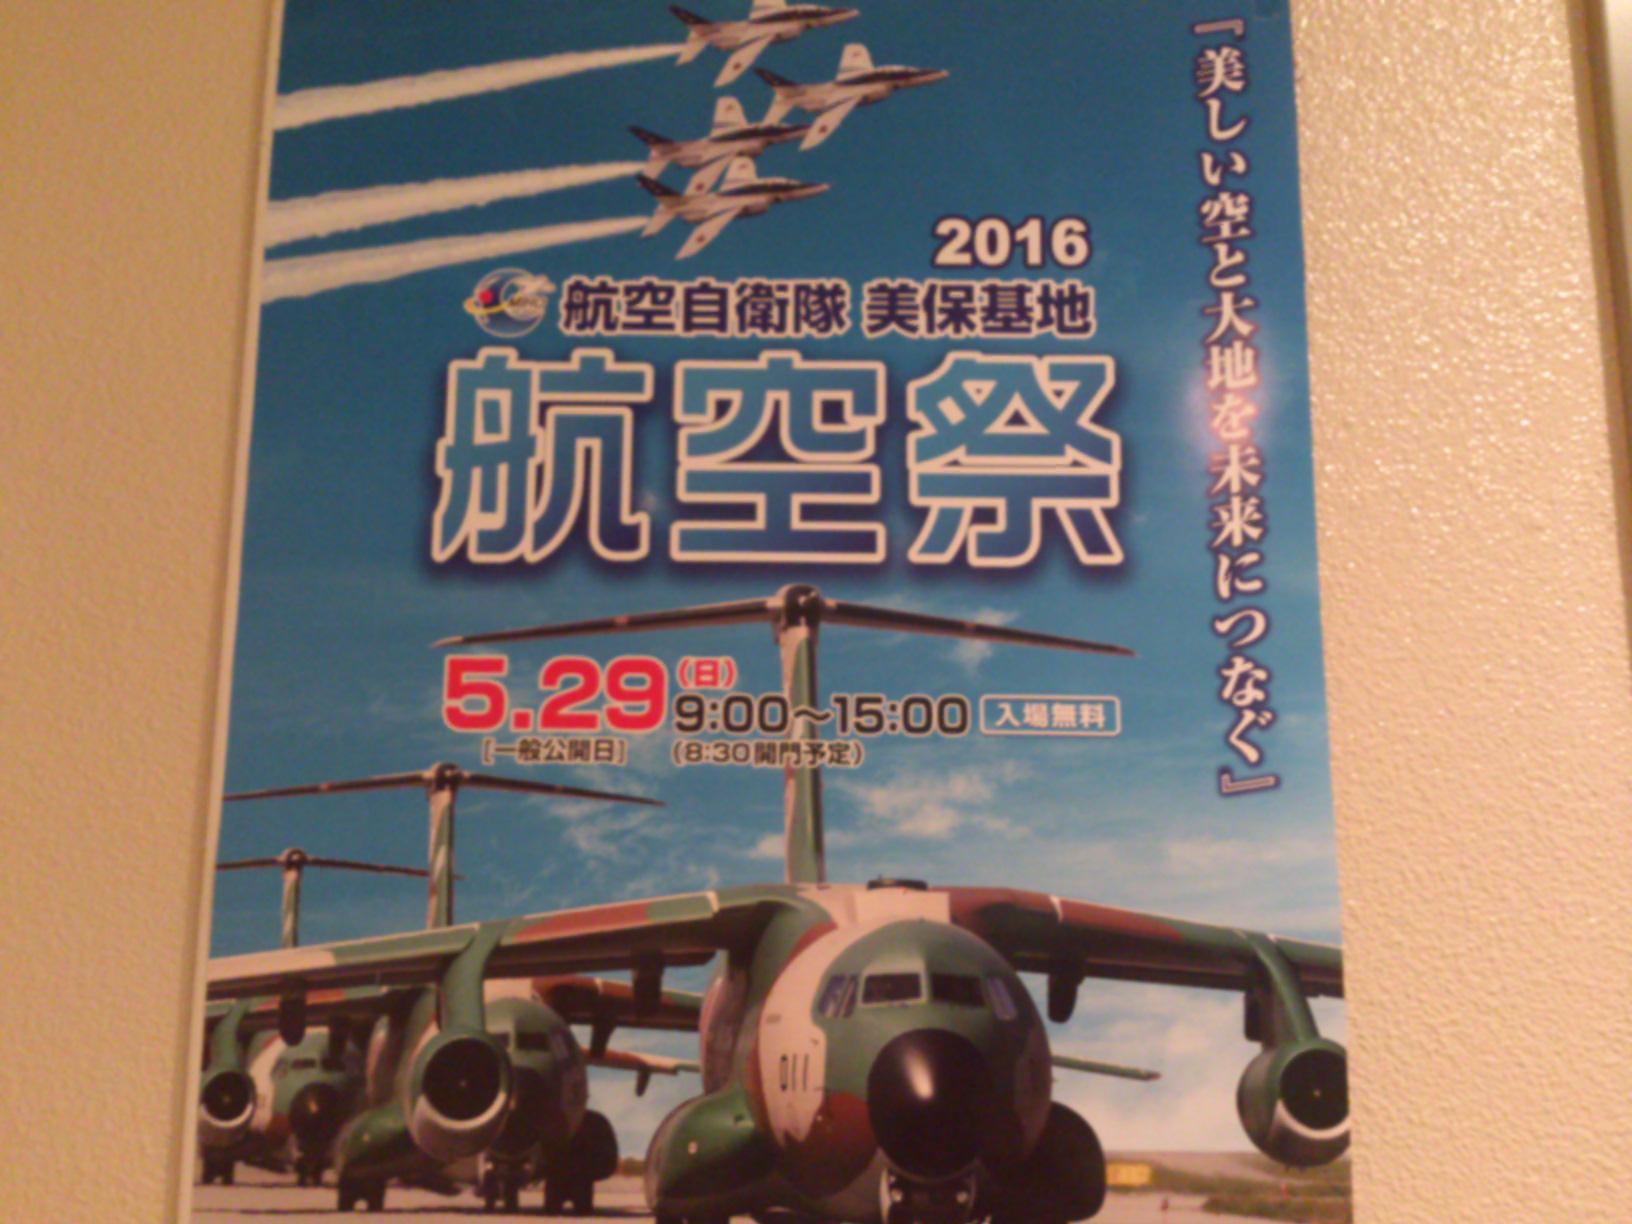 鳥取県 美保基地 航空祭♪ブルーインパルスが来ます!